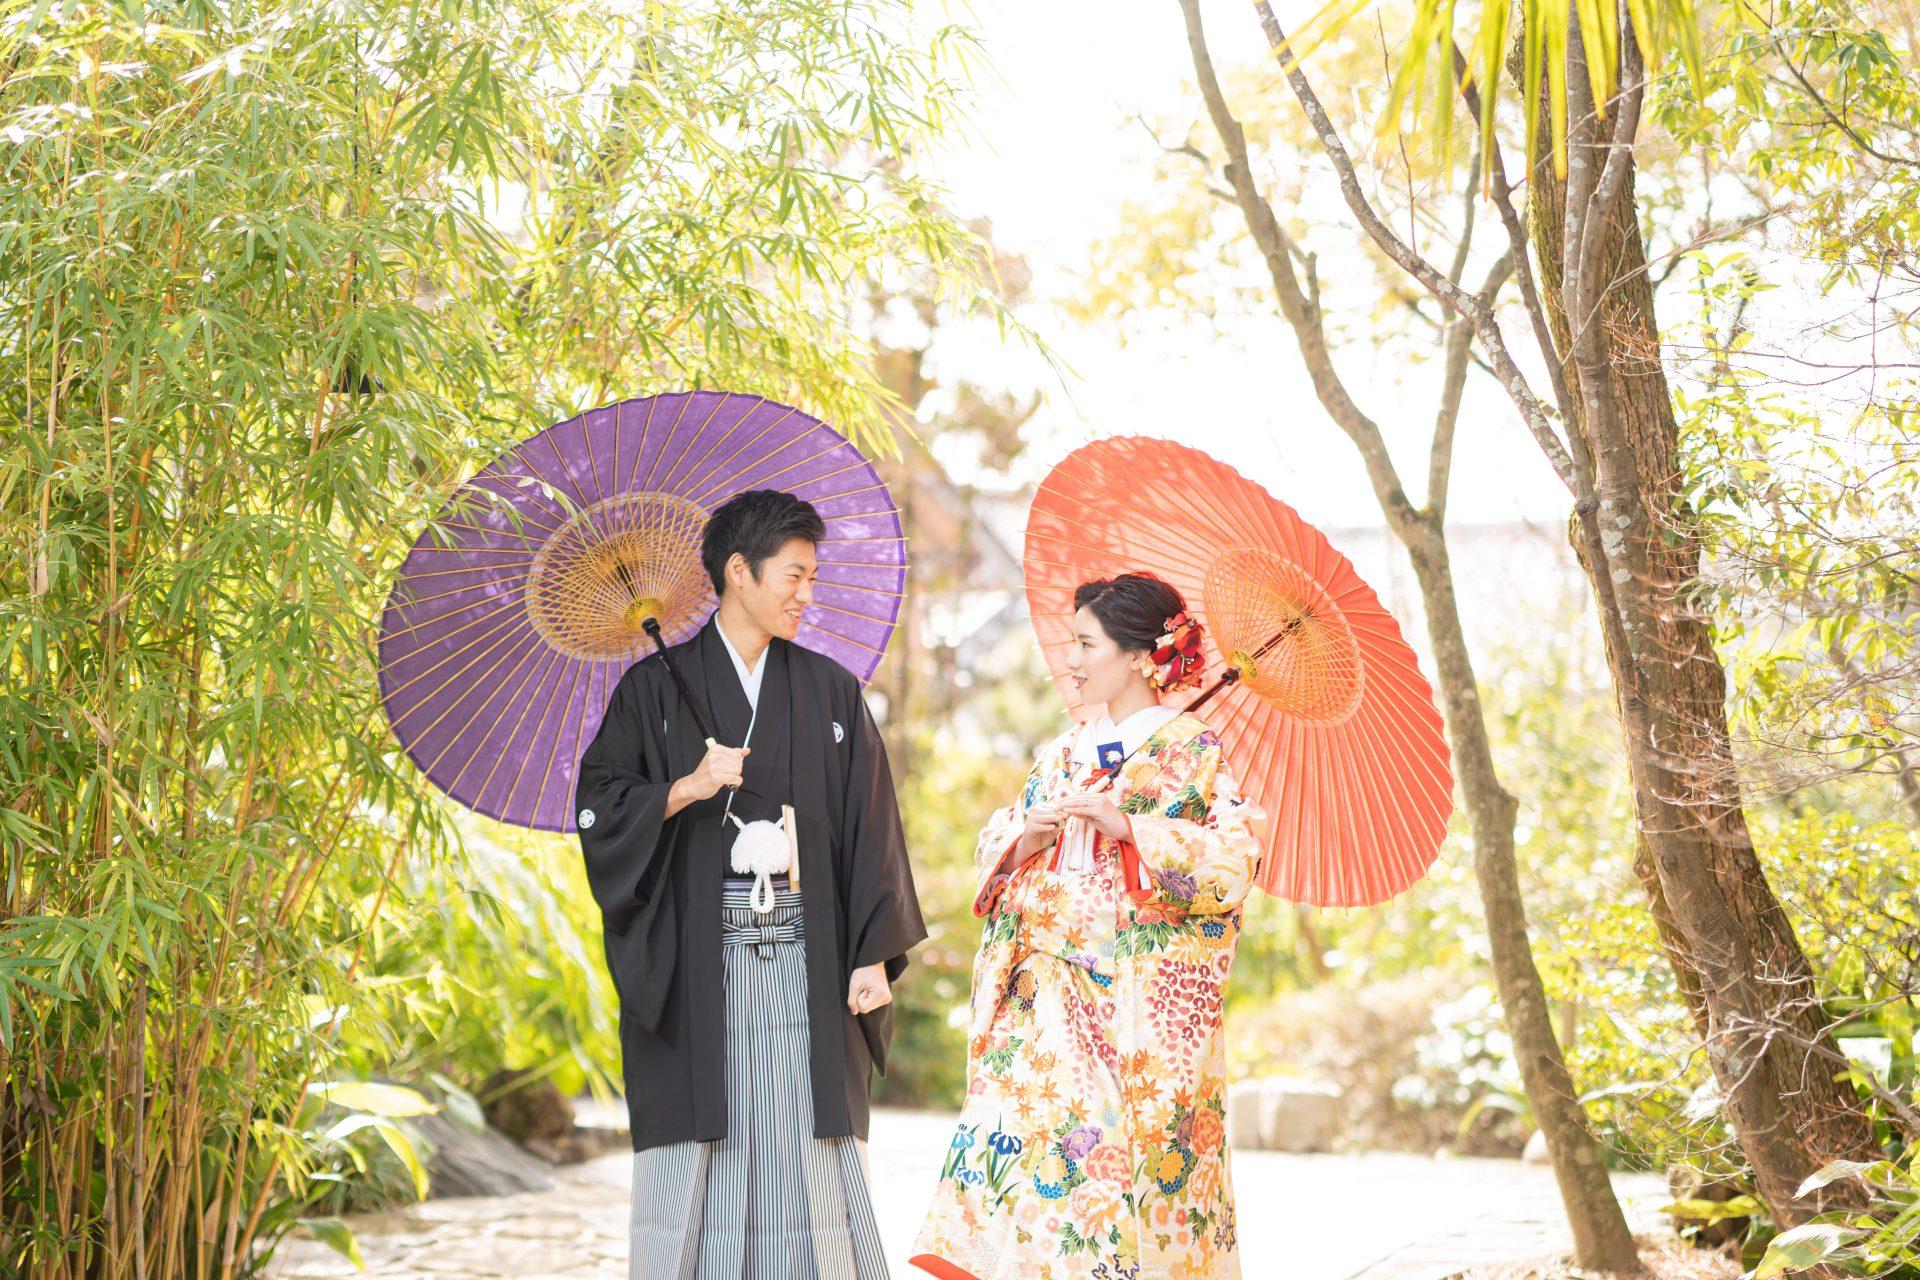 トリート京都店で選ばれた白地に華やかな刺繍がたっぷり入った色打掛と黒羽二重の紋付袴をの和モダンなスタイルを身に纏った前撮り撮影